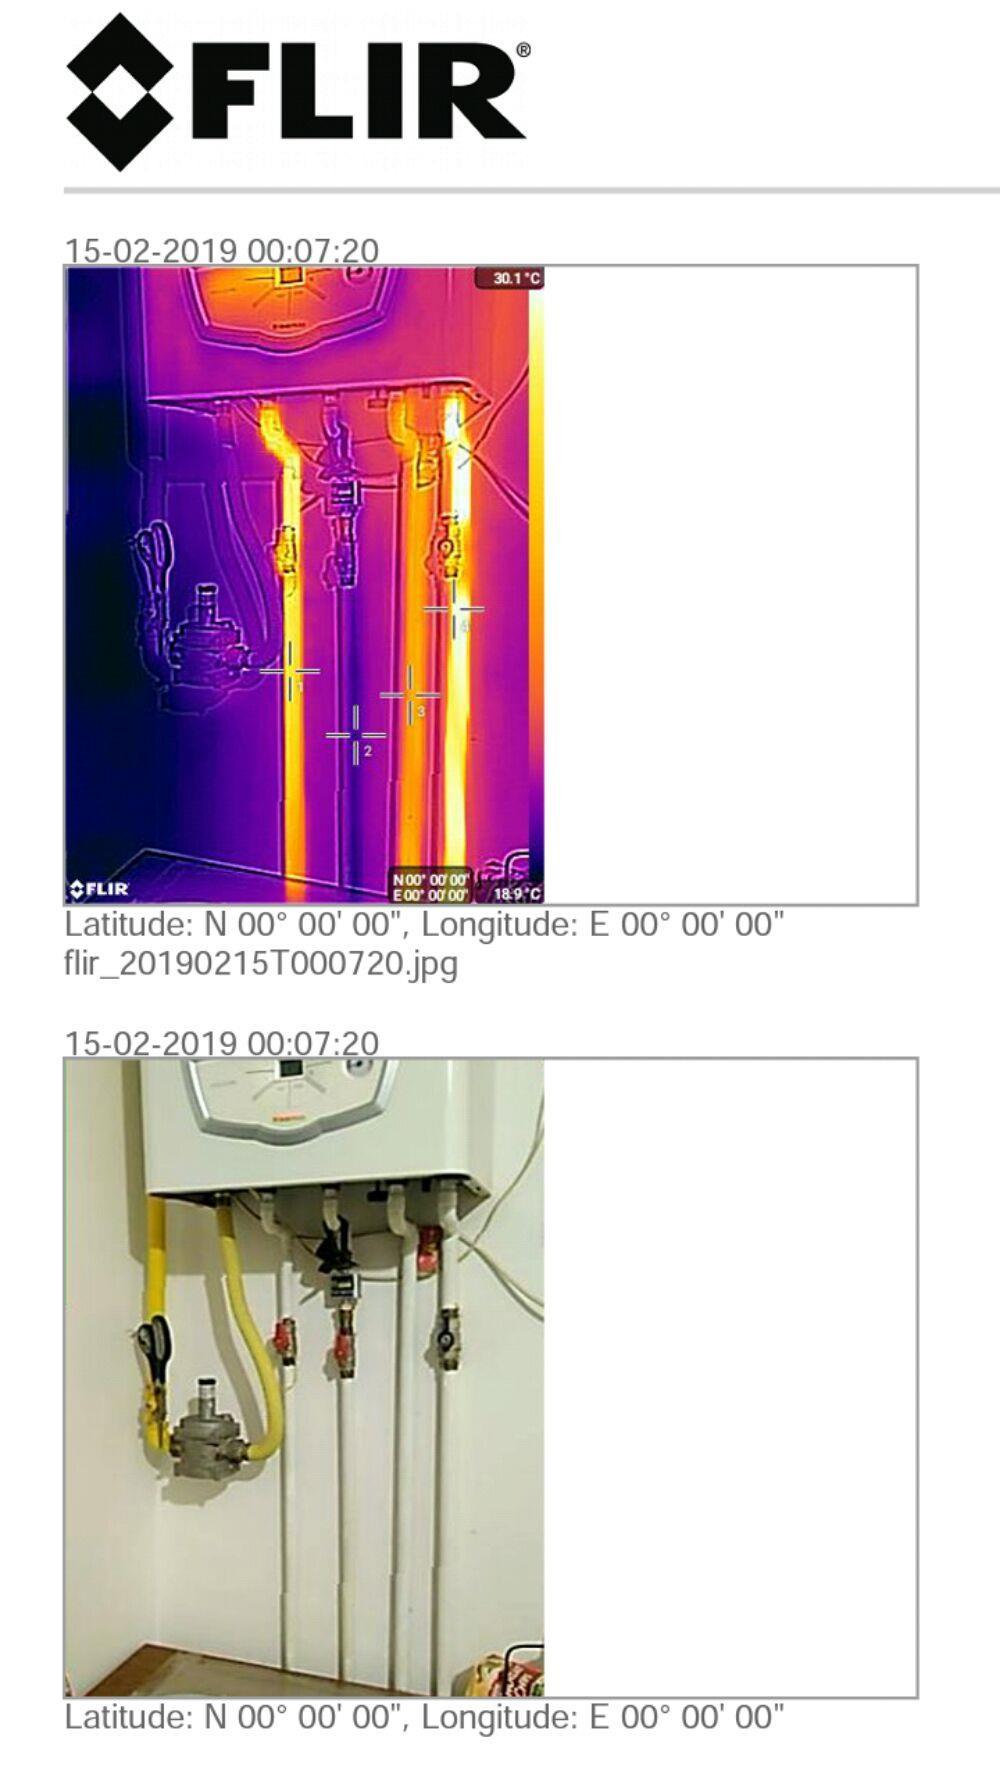 Servicii de termoviziune la preturi avantajoase. Incepand de la 10 lei/raport. - imagine 3